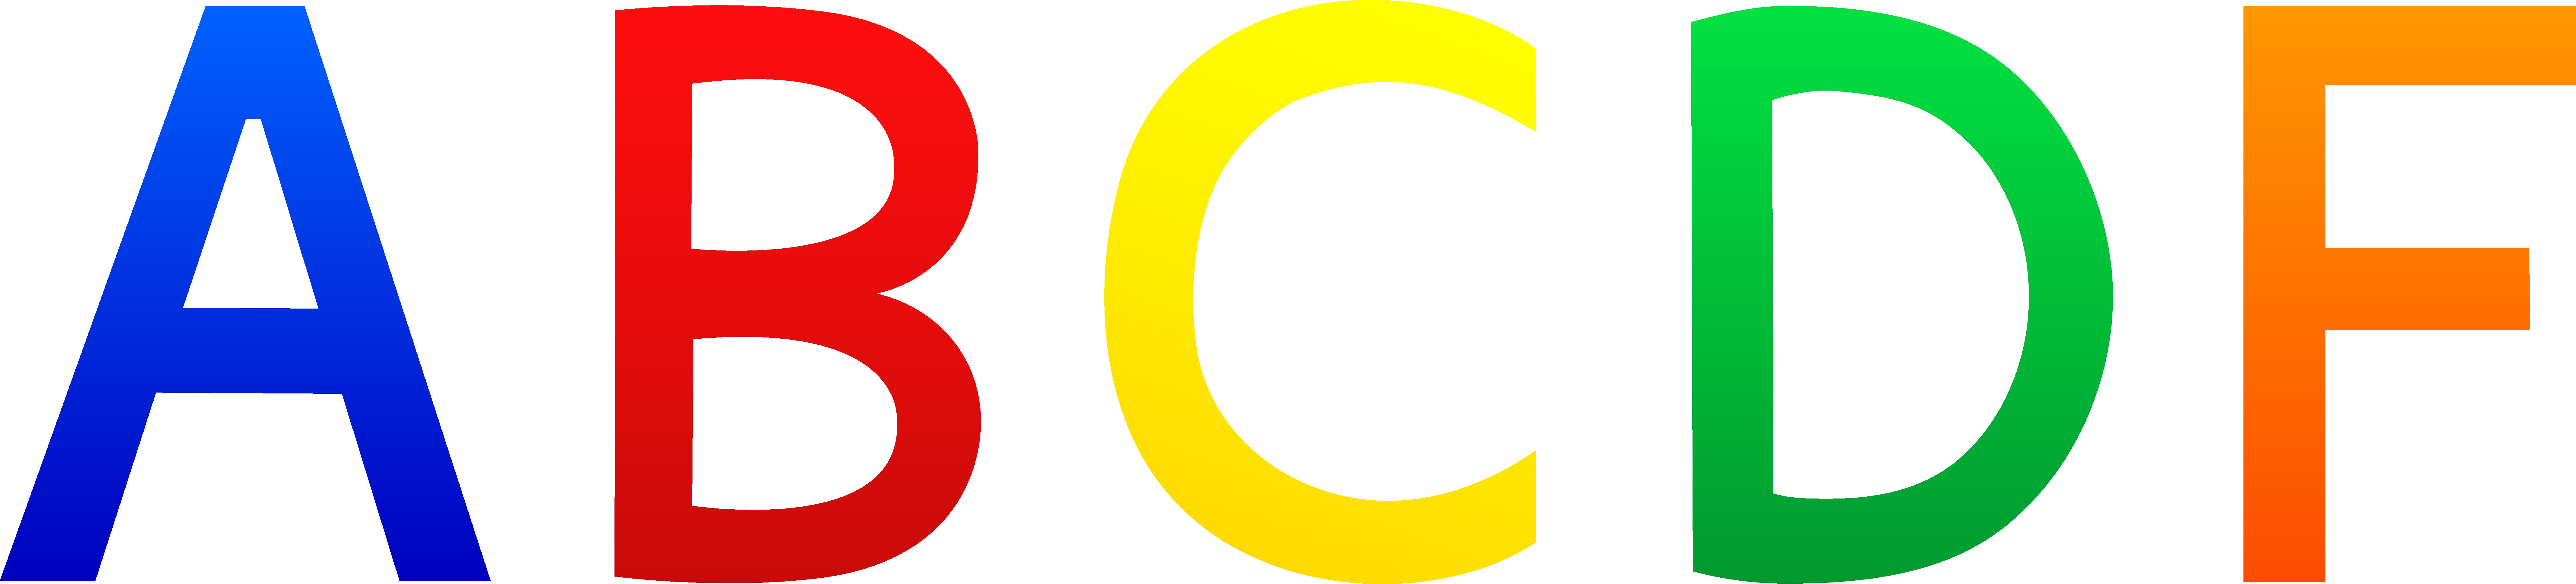 Clip art letters free. Motivation clipart dream